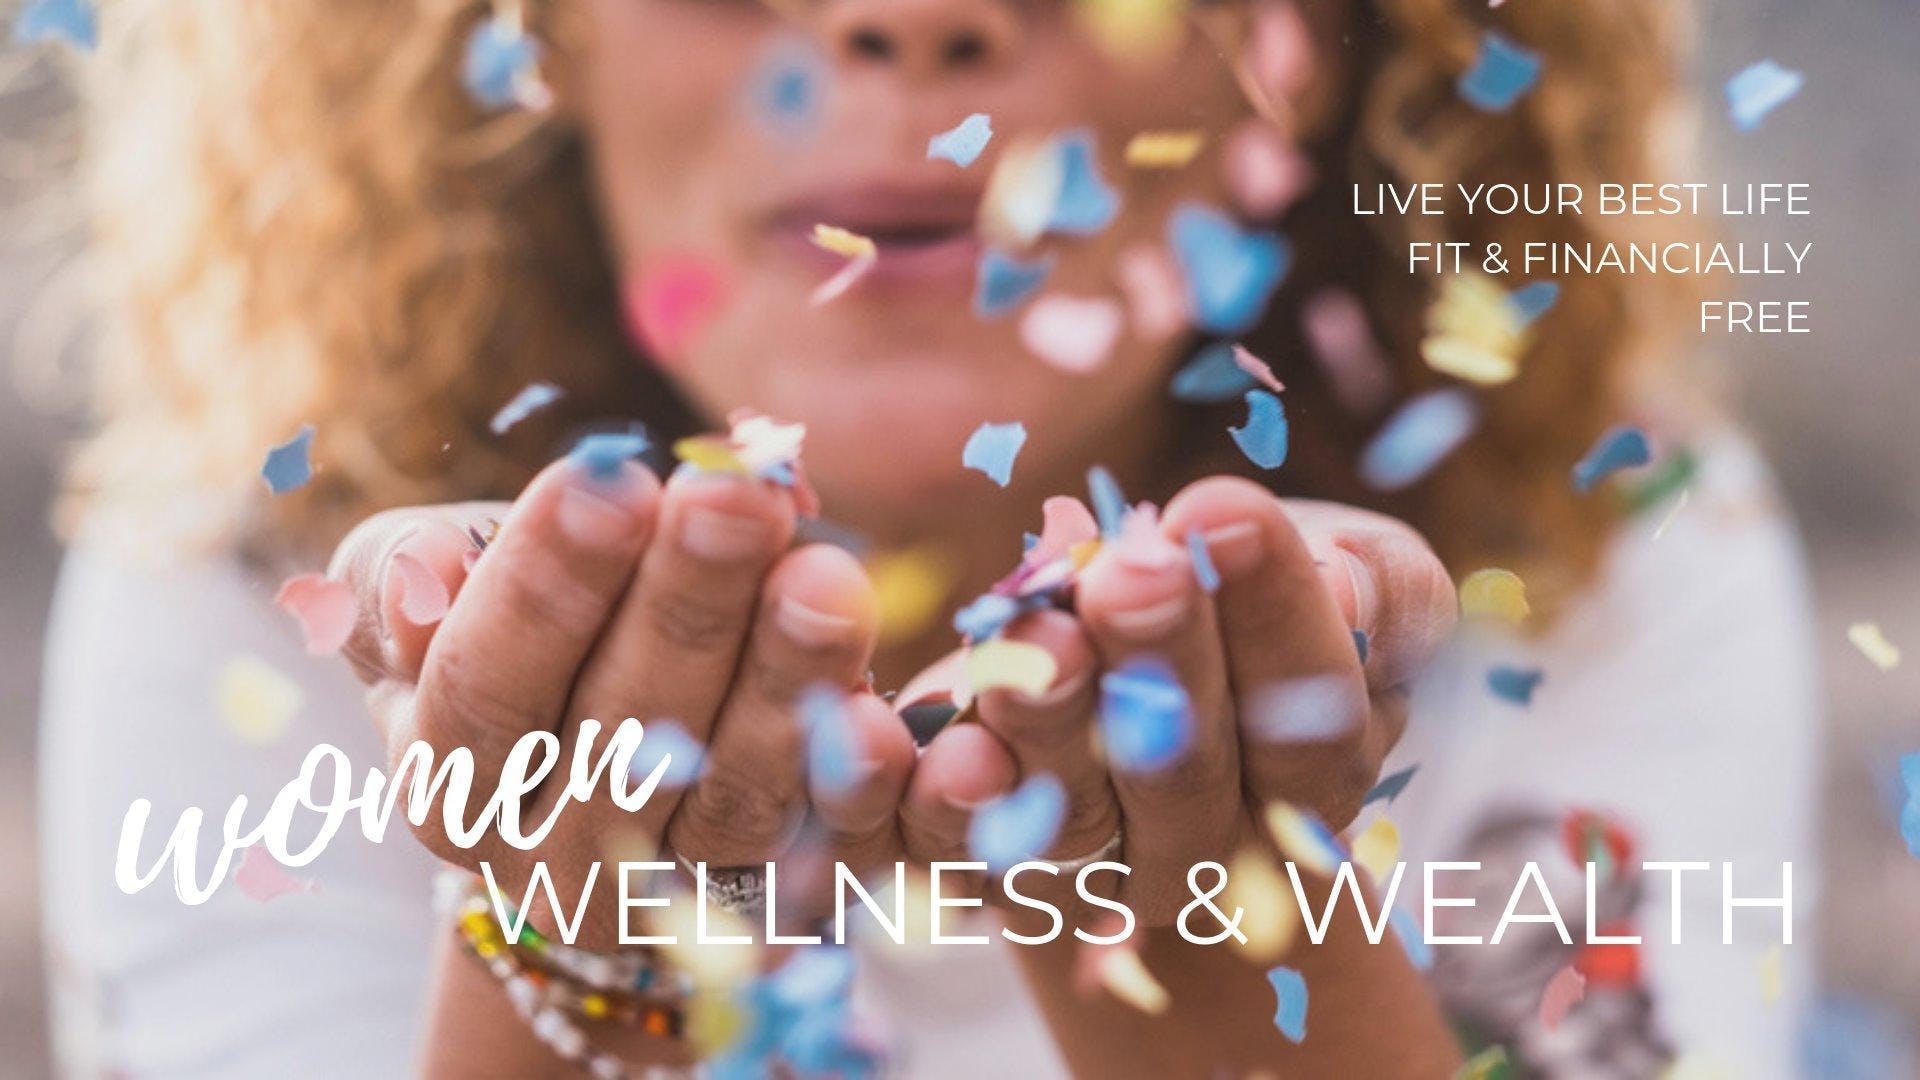 Women, Wellness & Wealth: Jan 26